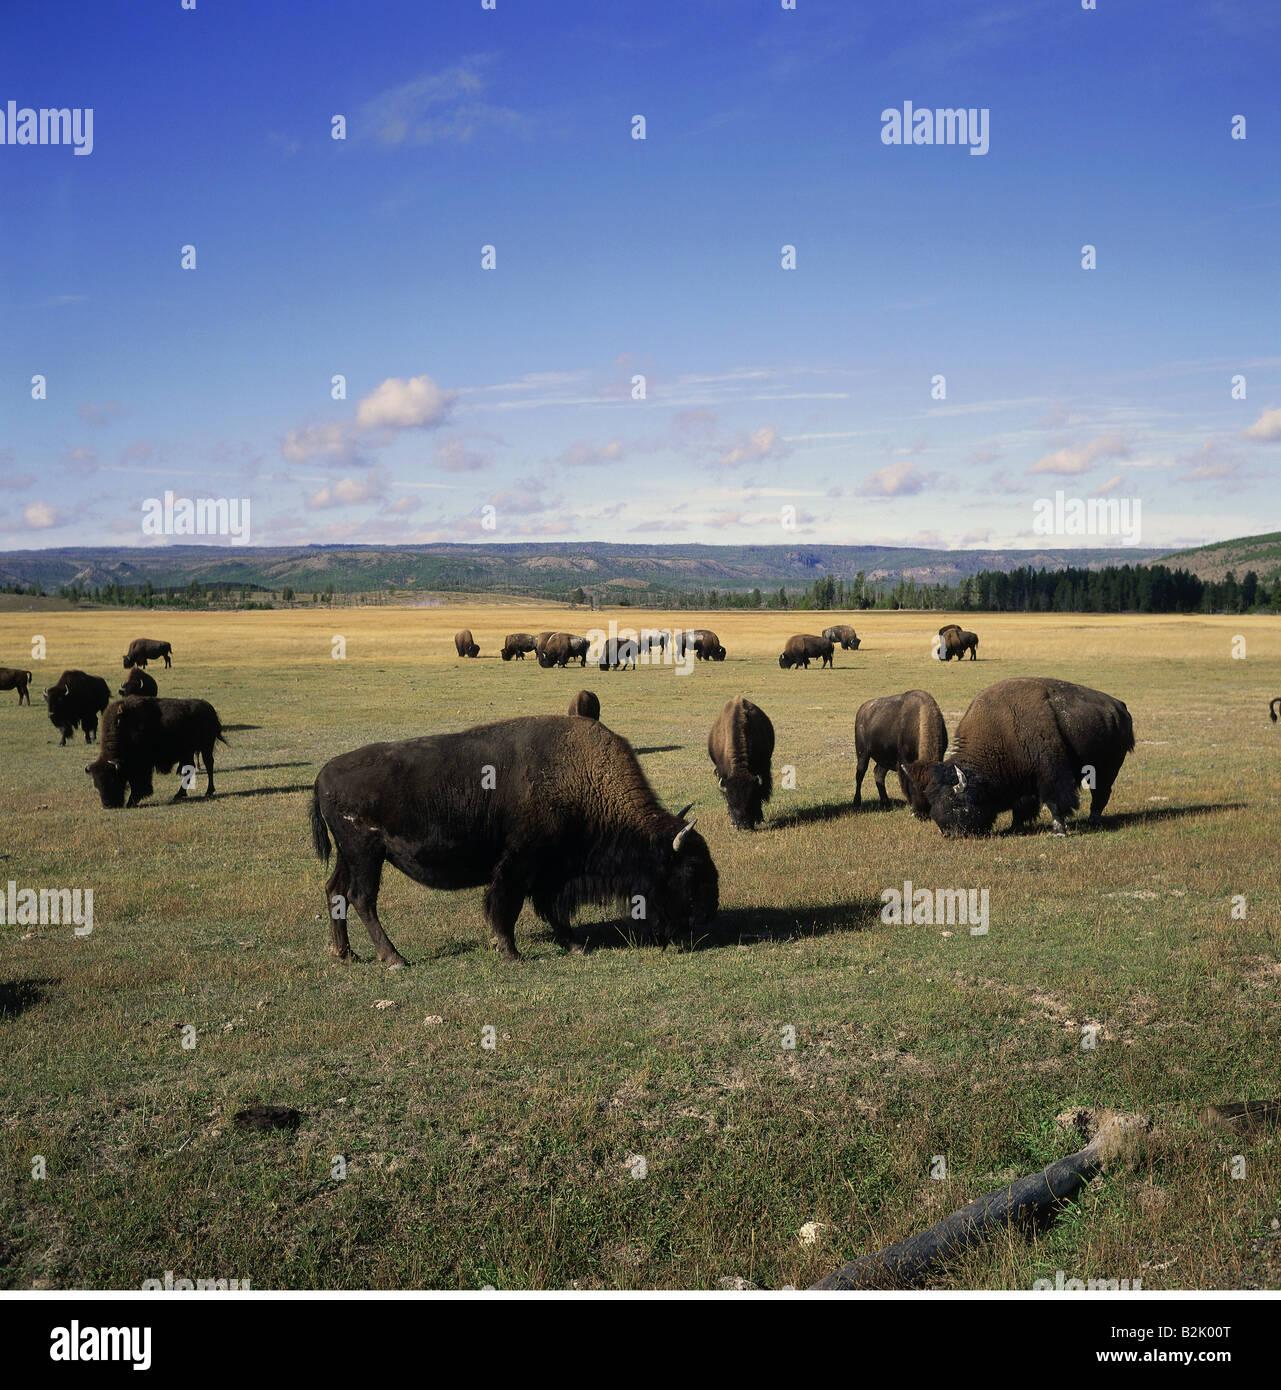 Geografia / viaggi, USA, Wyoming, paesaggi, il Parco Nazionale di Yellowstone, navigazione bufale, , Additional Immagini Stock